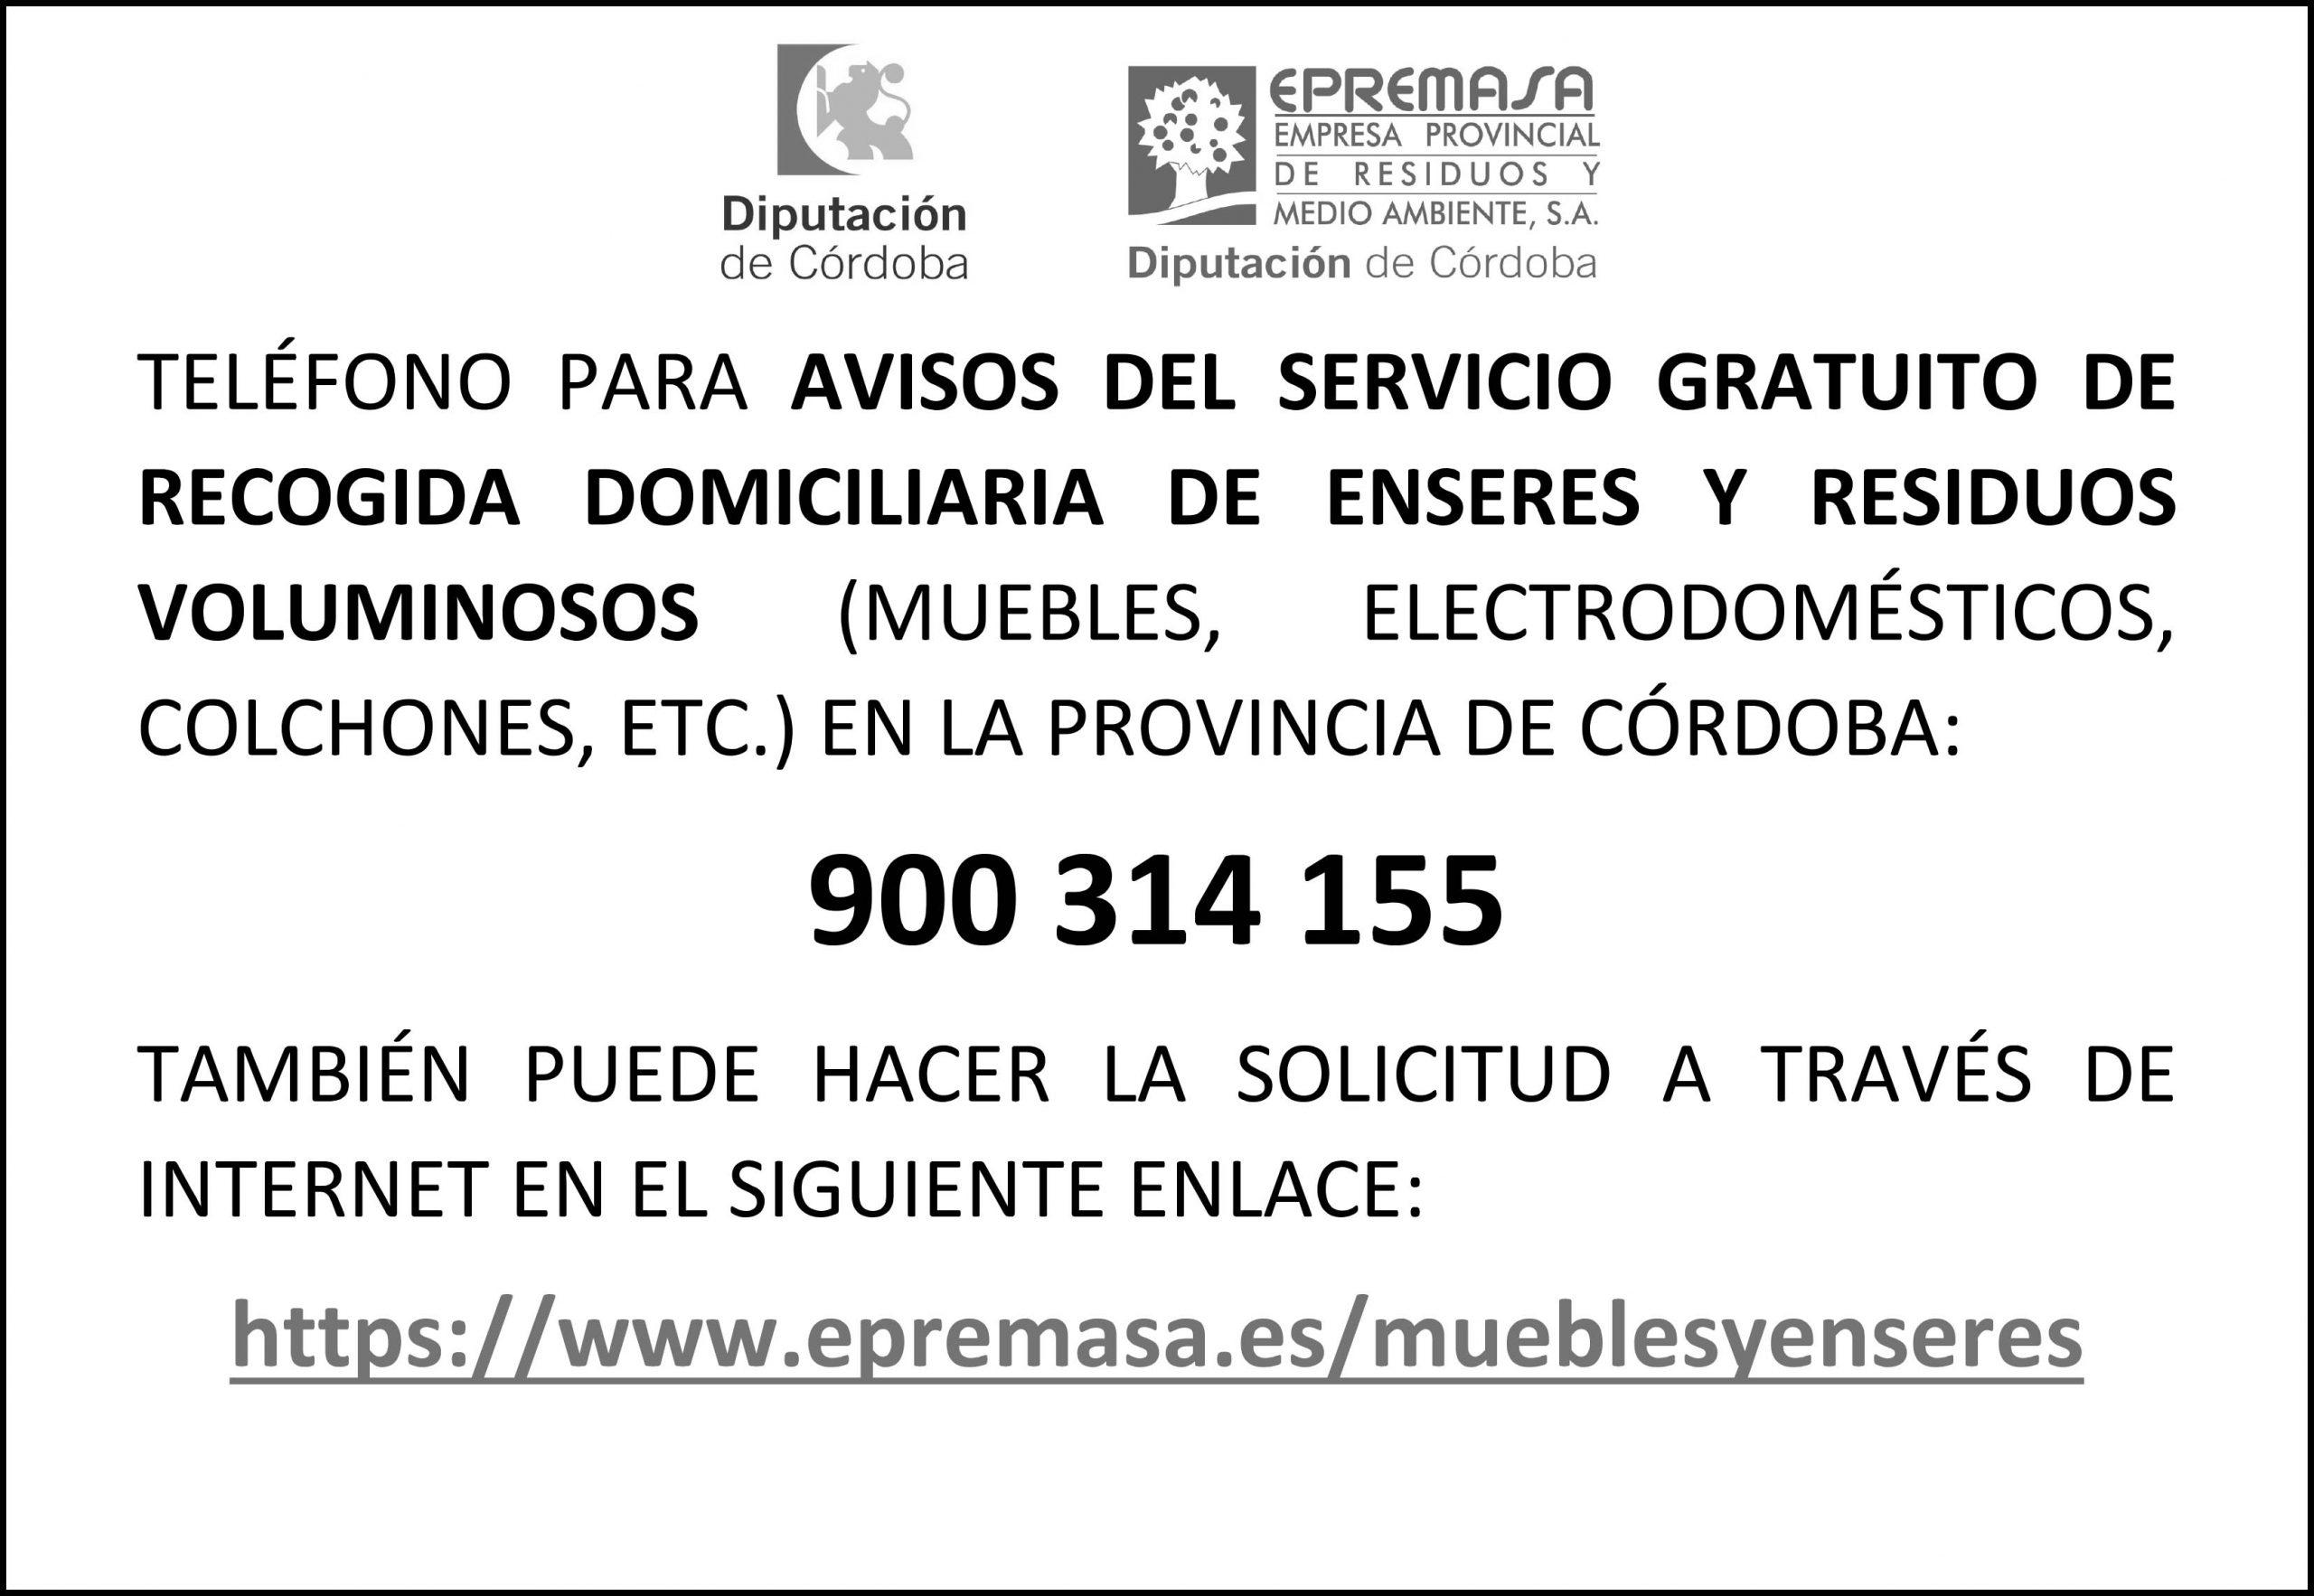 Servicio a domicilio gratuito de EPREMASA para recogida de enseres 1